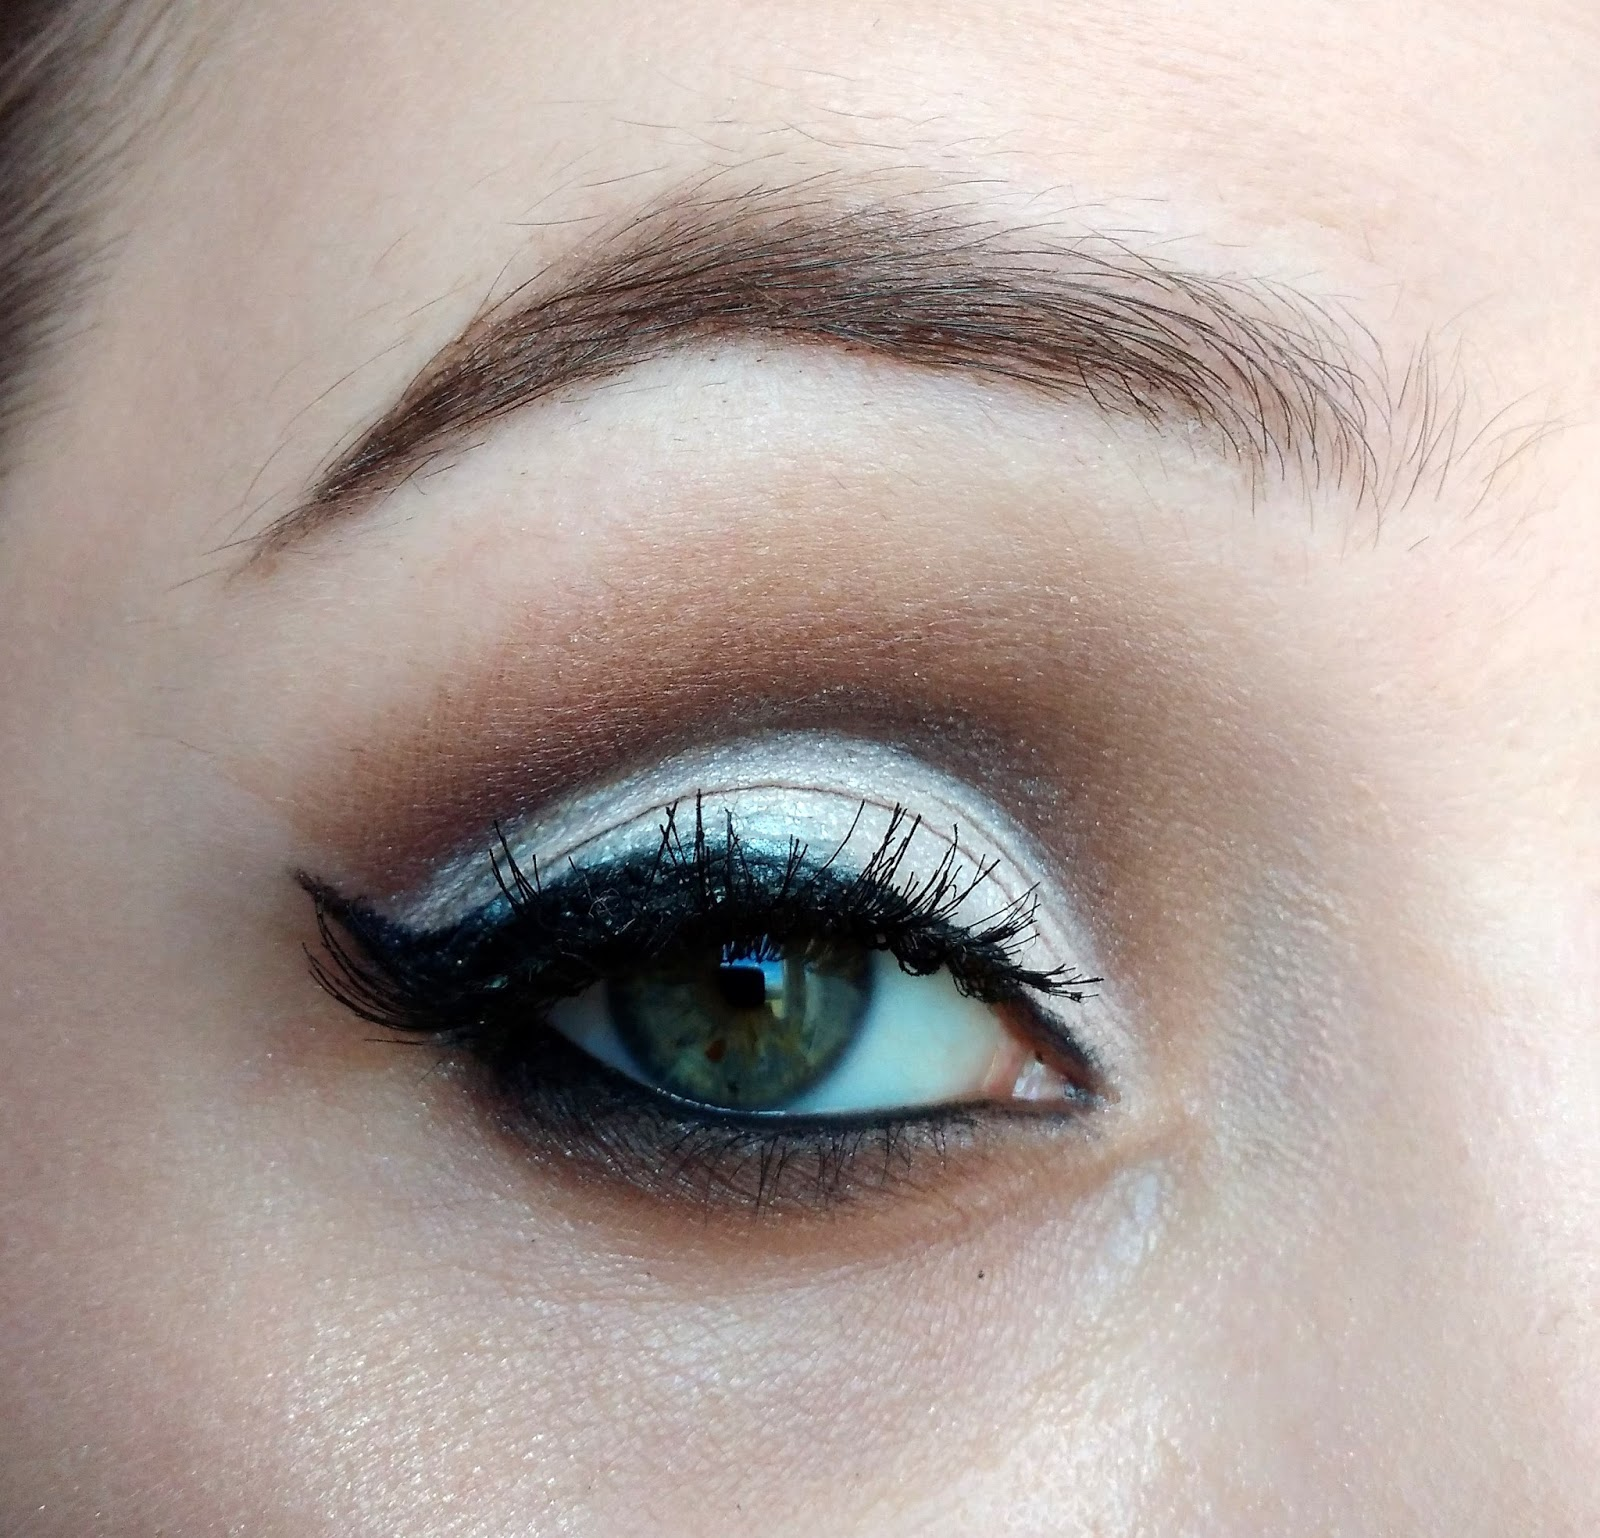 Makijaż okazjonalny -  rozświetlone oko z cut crease